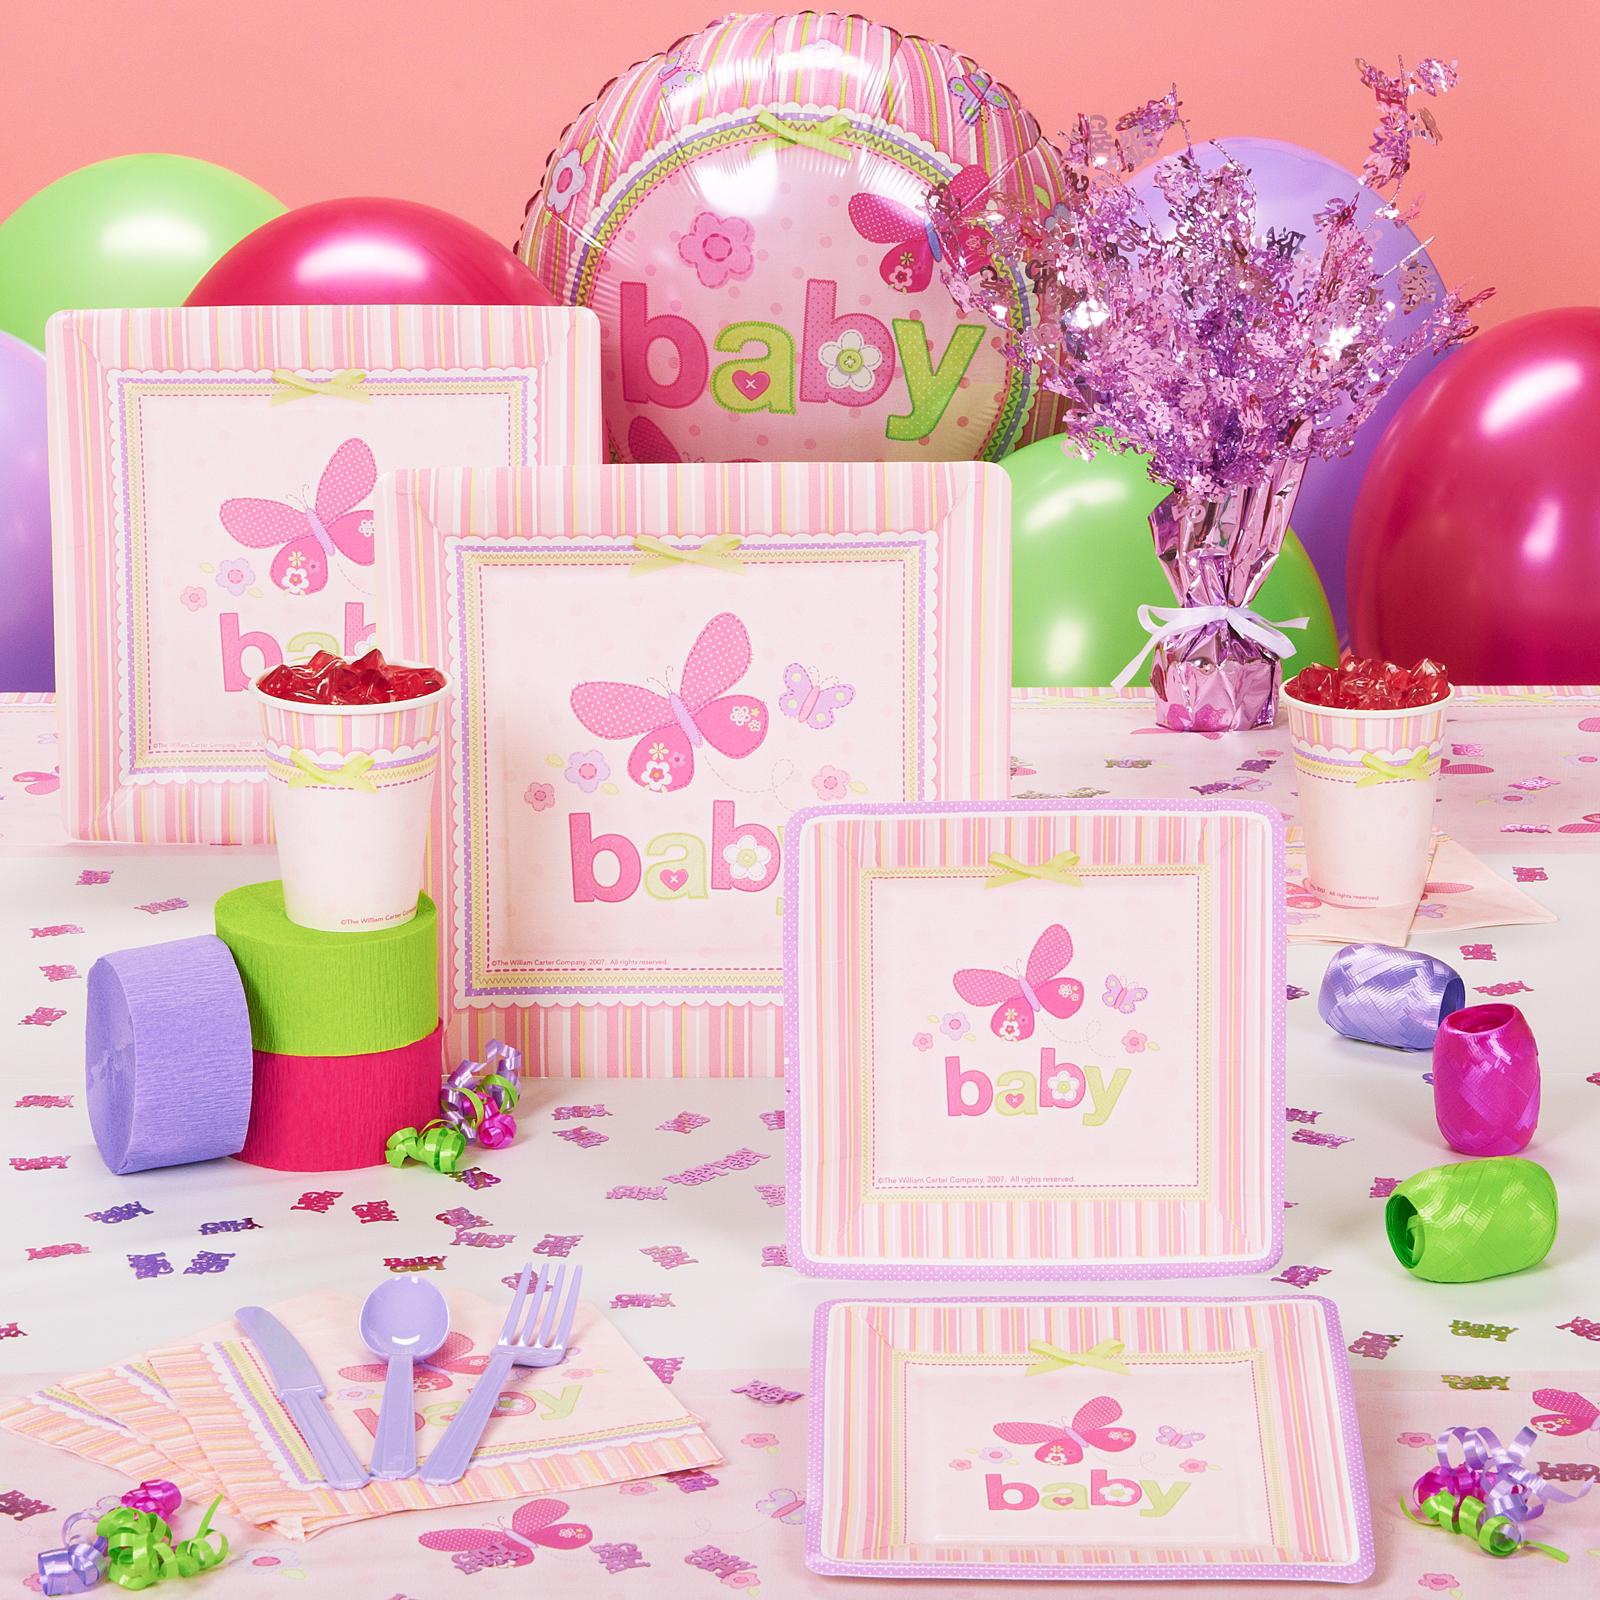 Ayuda con ideas para invitacion de Baby Shower con mariposas como tema